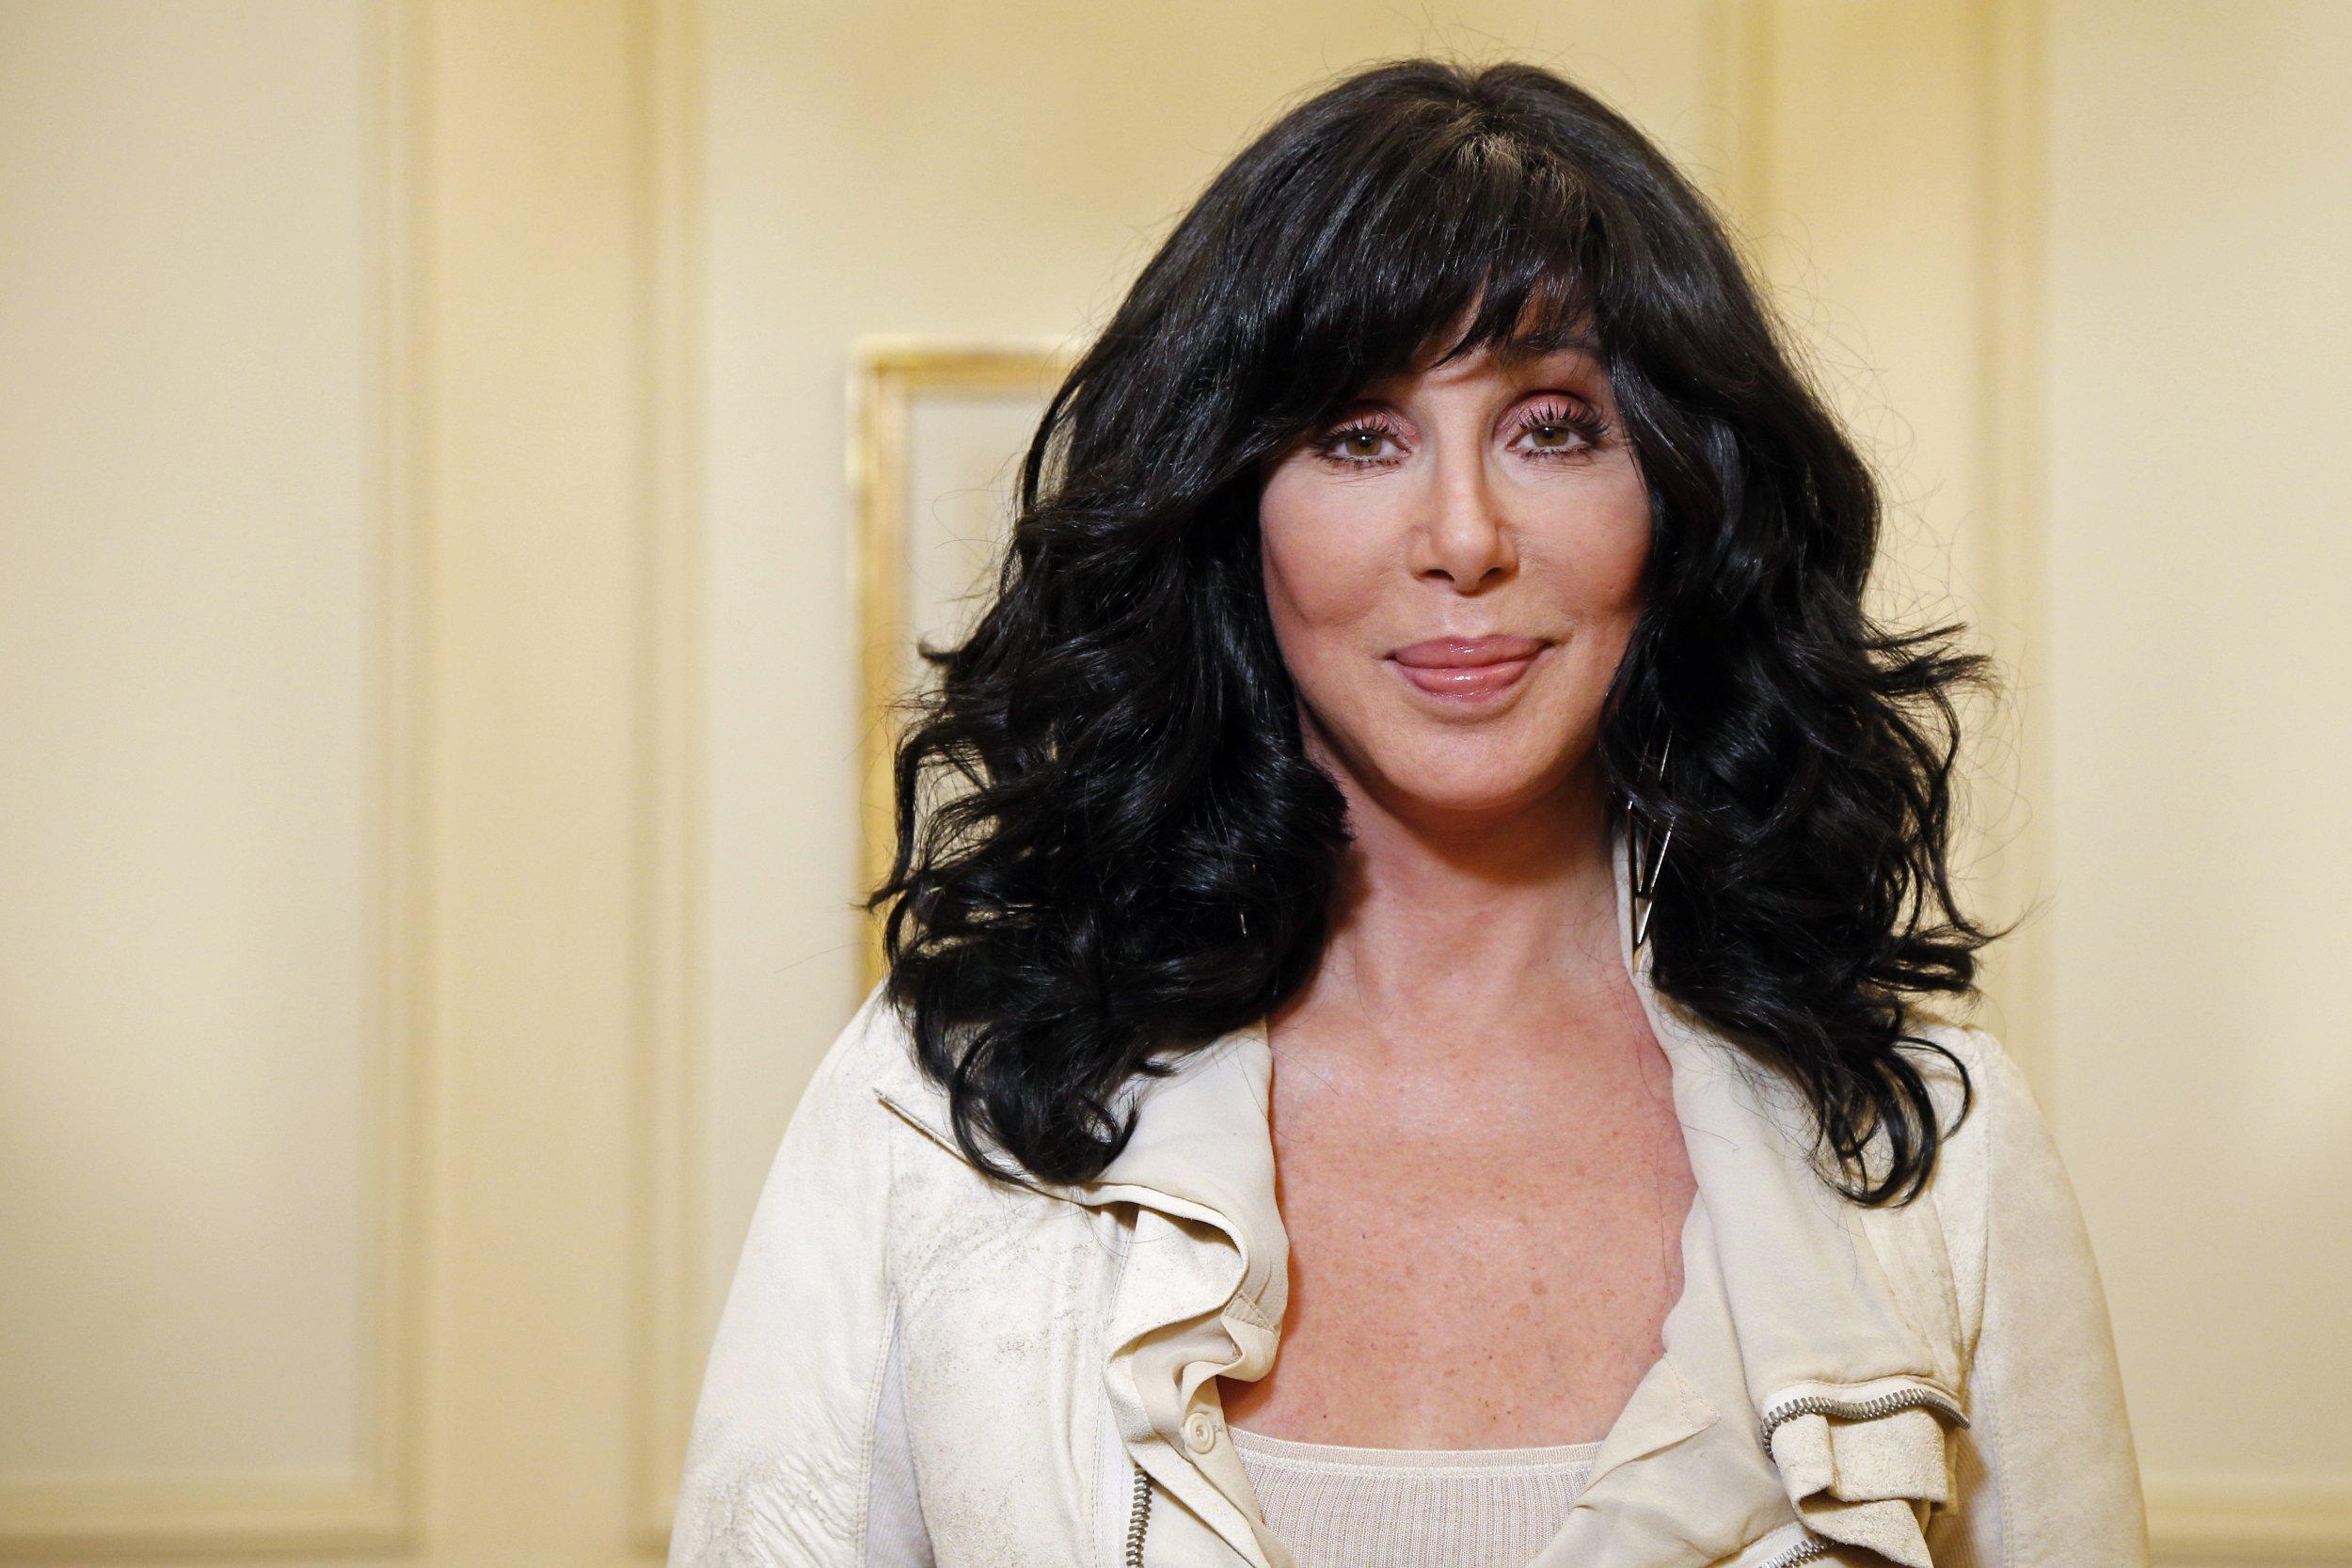 Cher turns 70